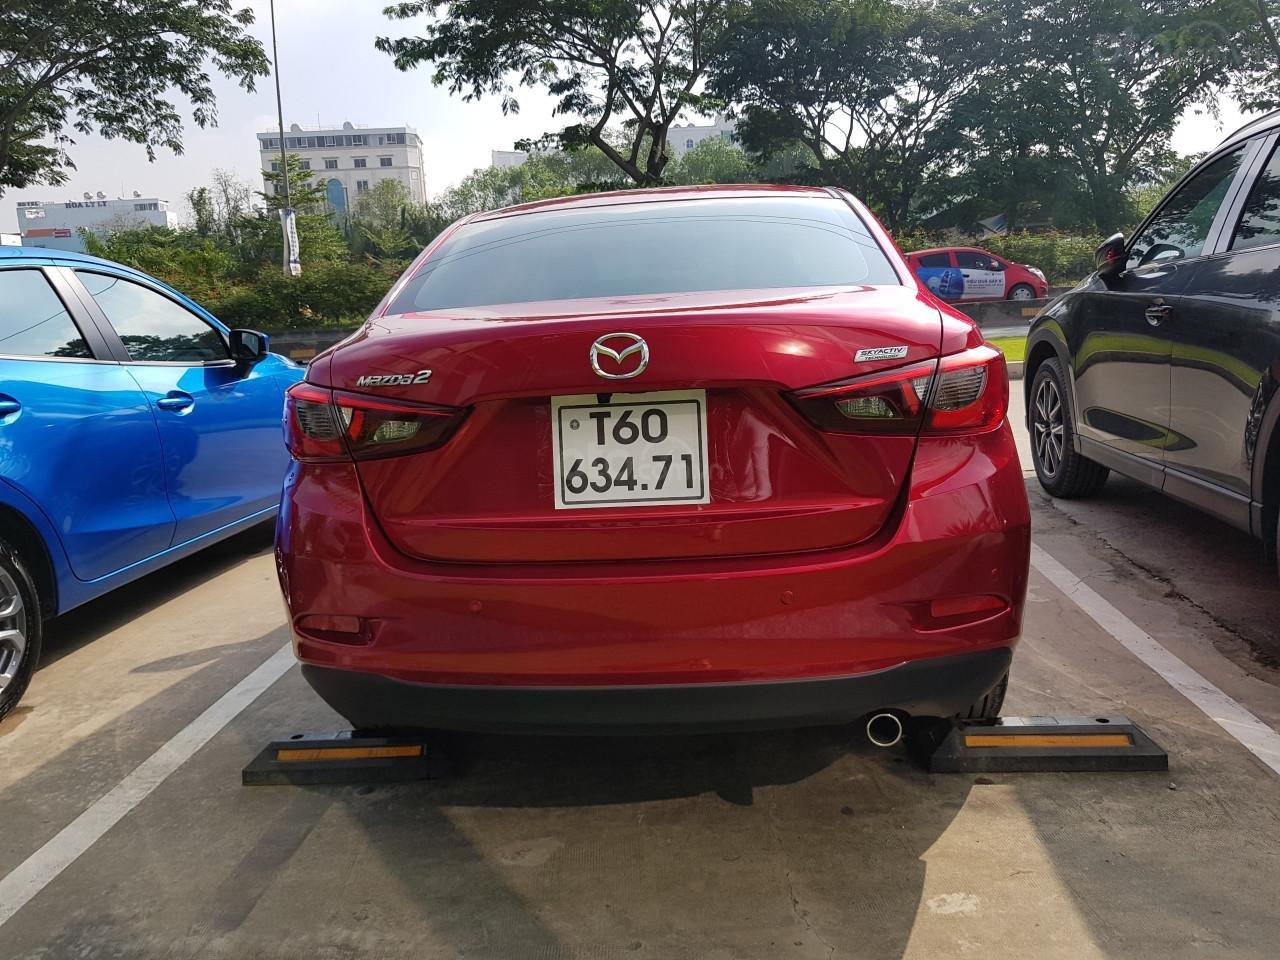 Bán Mazda 2 Premium nhập 2019 – Thanh toán 190tr nhận xe – Hỗ trợ hồ sơ vay-2